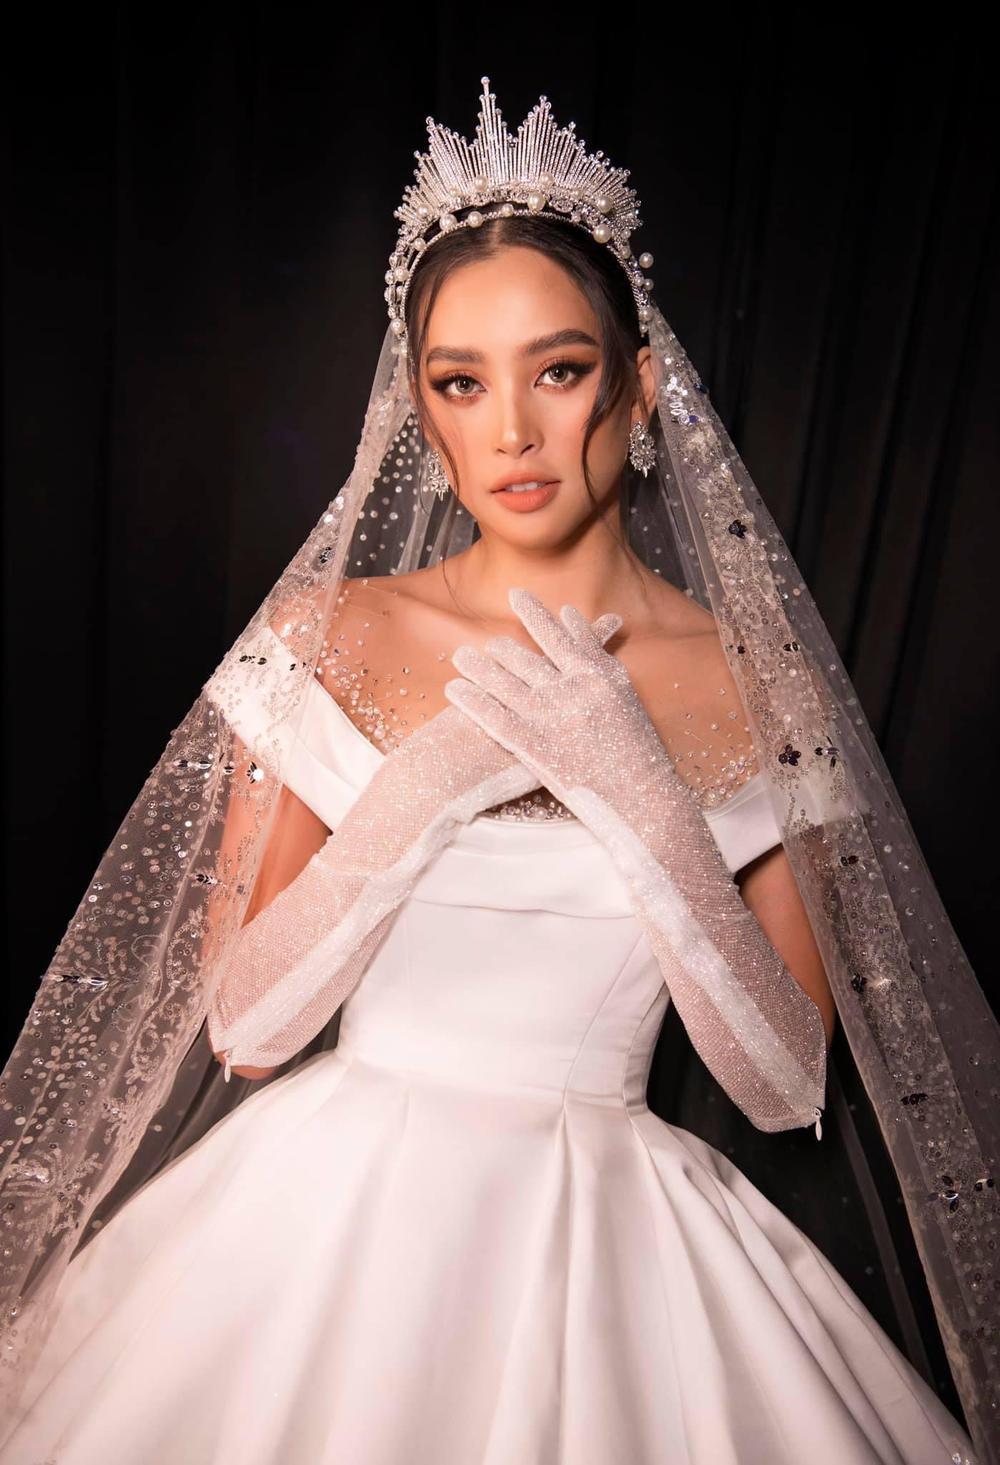 Sau Mai Phương Thúy, đến Hồ Ngọc Hà cũng phải công nhận: 'Trần Tiểu Vy là hoa hậu đẹp nhất' Ảnh 11